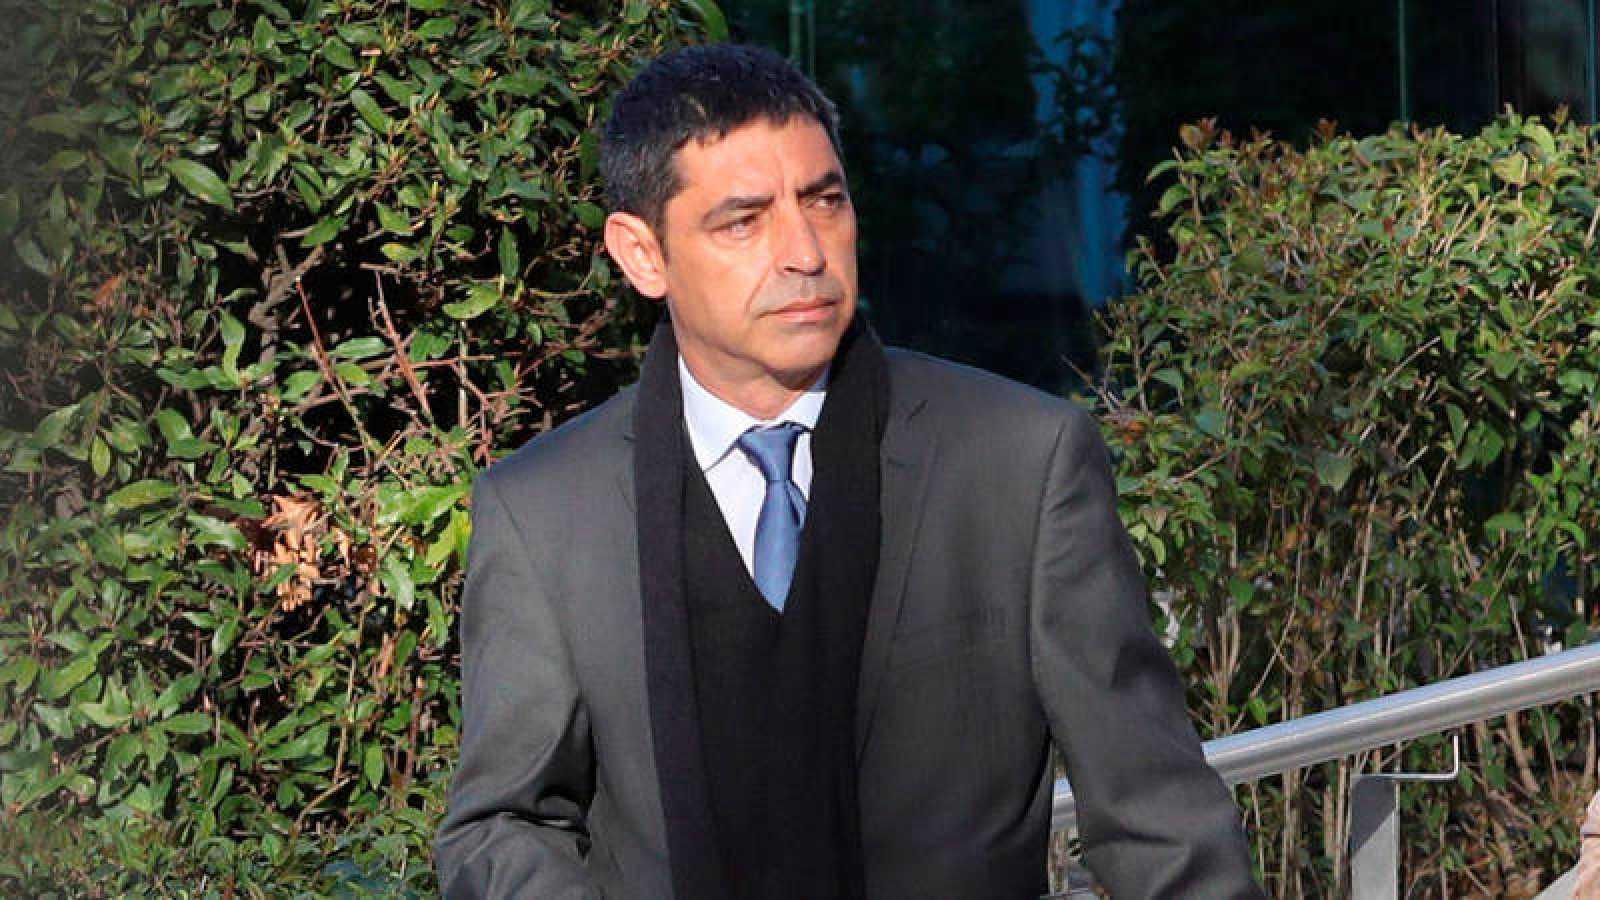 El exjefe de los Mossos d'Esquadra Josep Lluis Trapero a la salida de la Audiencia Nacional